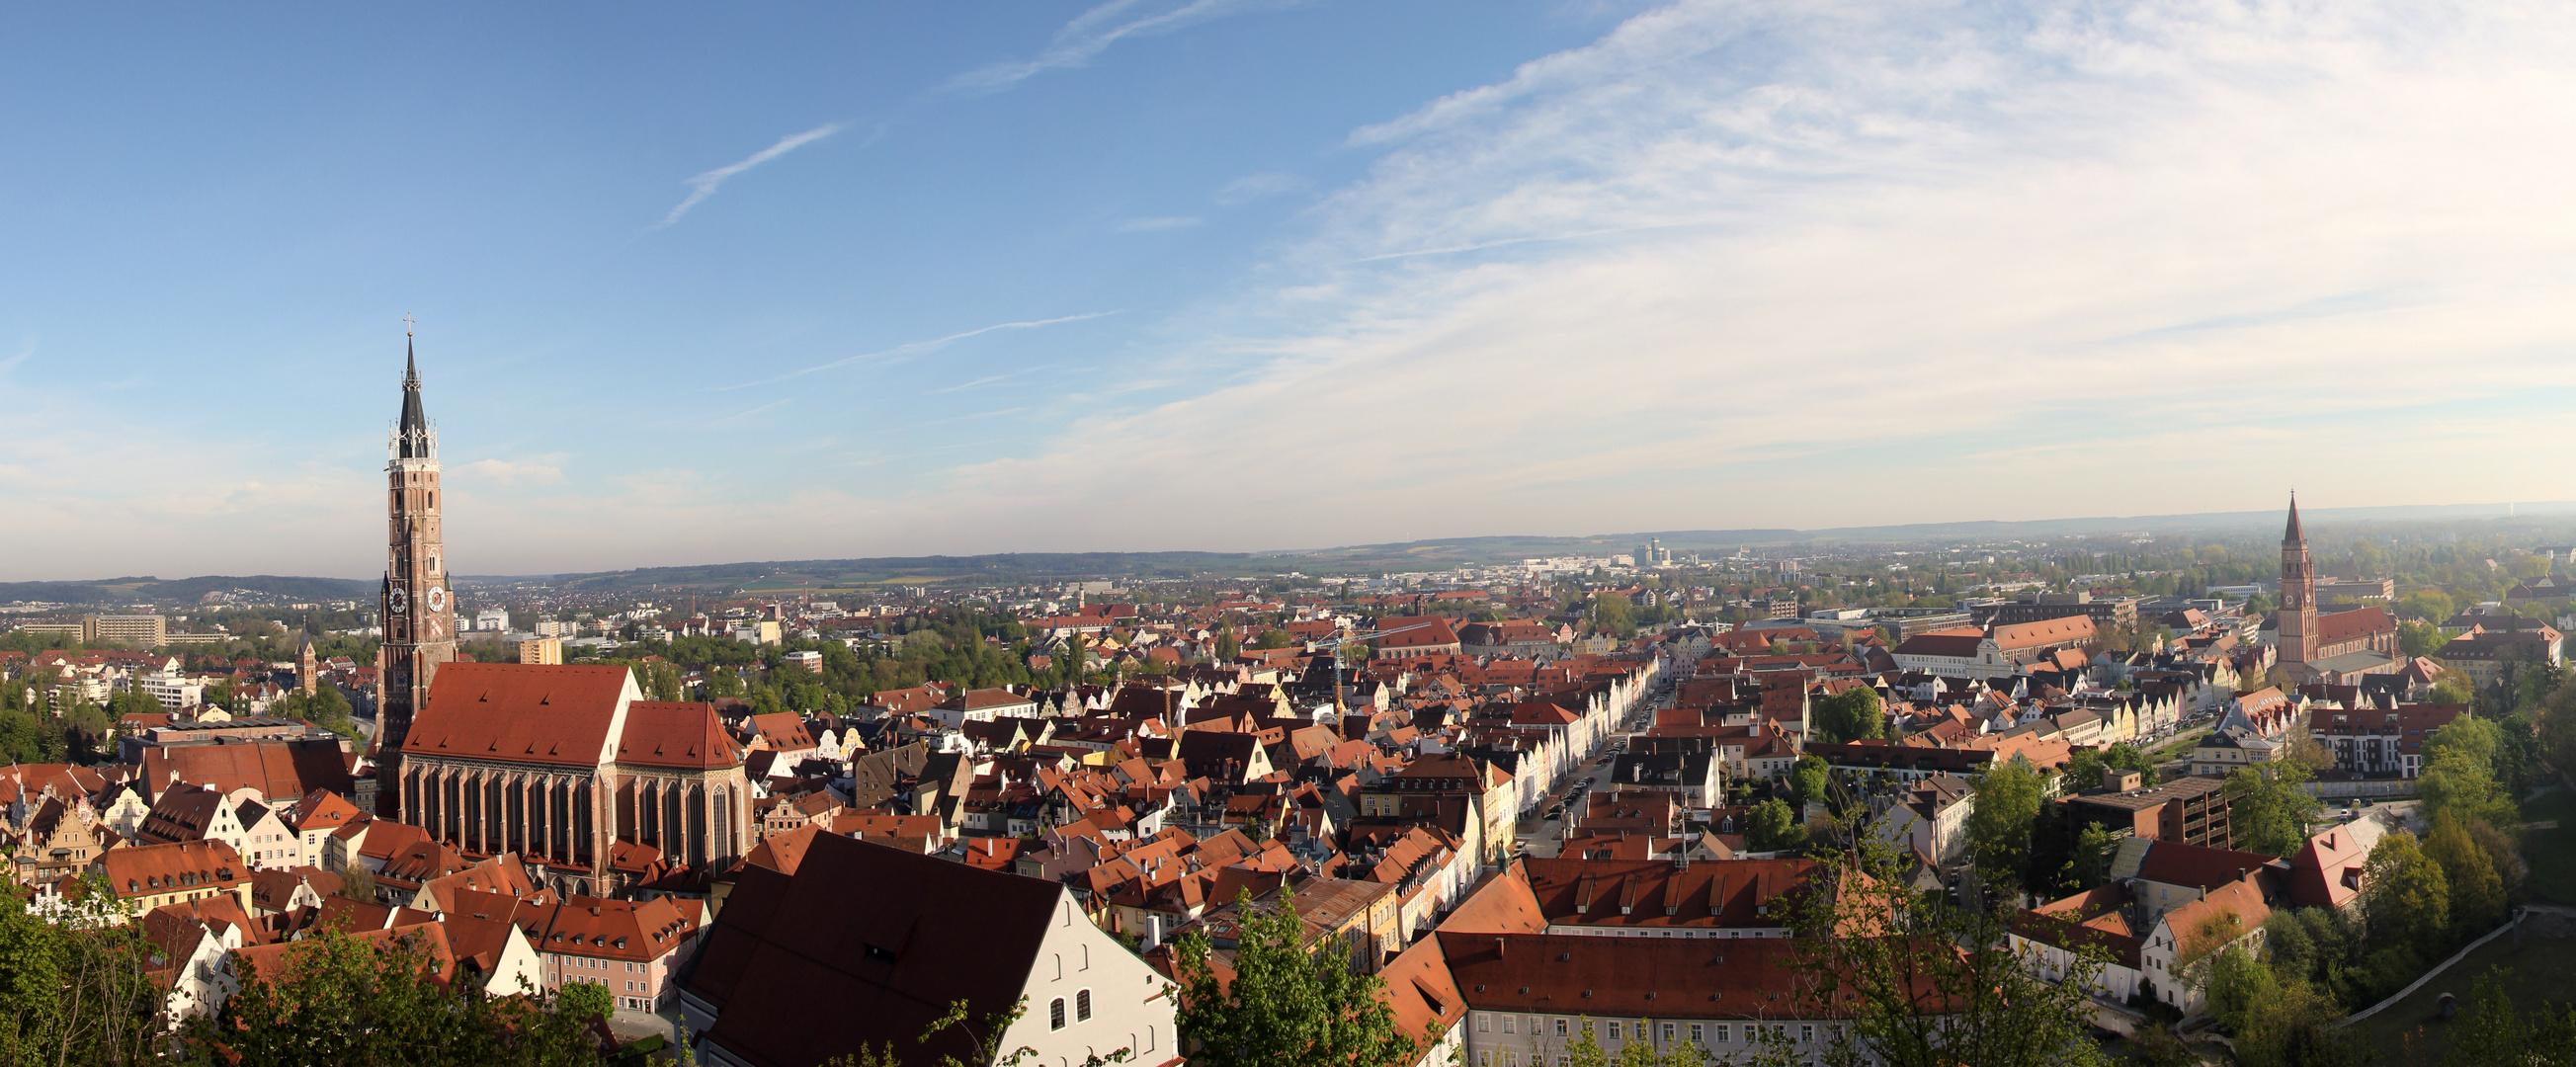 Himmel Landshut - Tausend Landshut